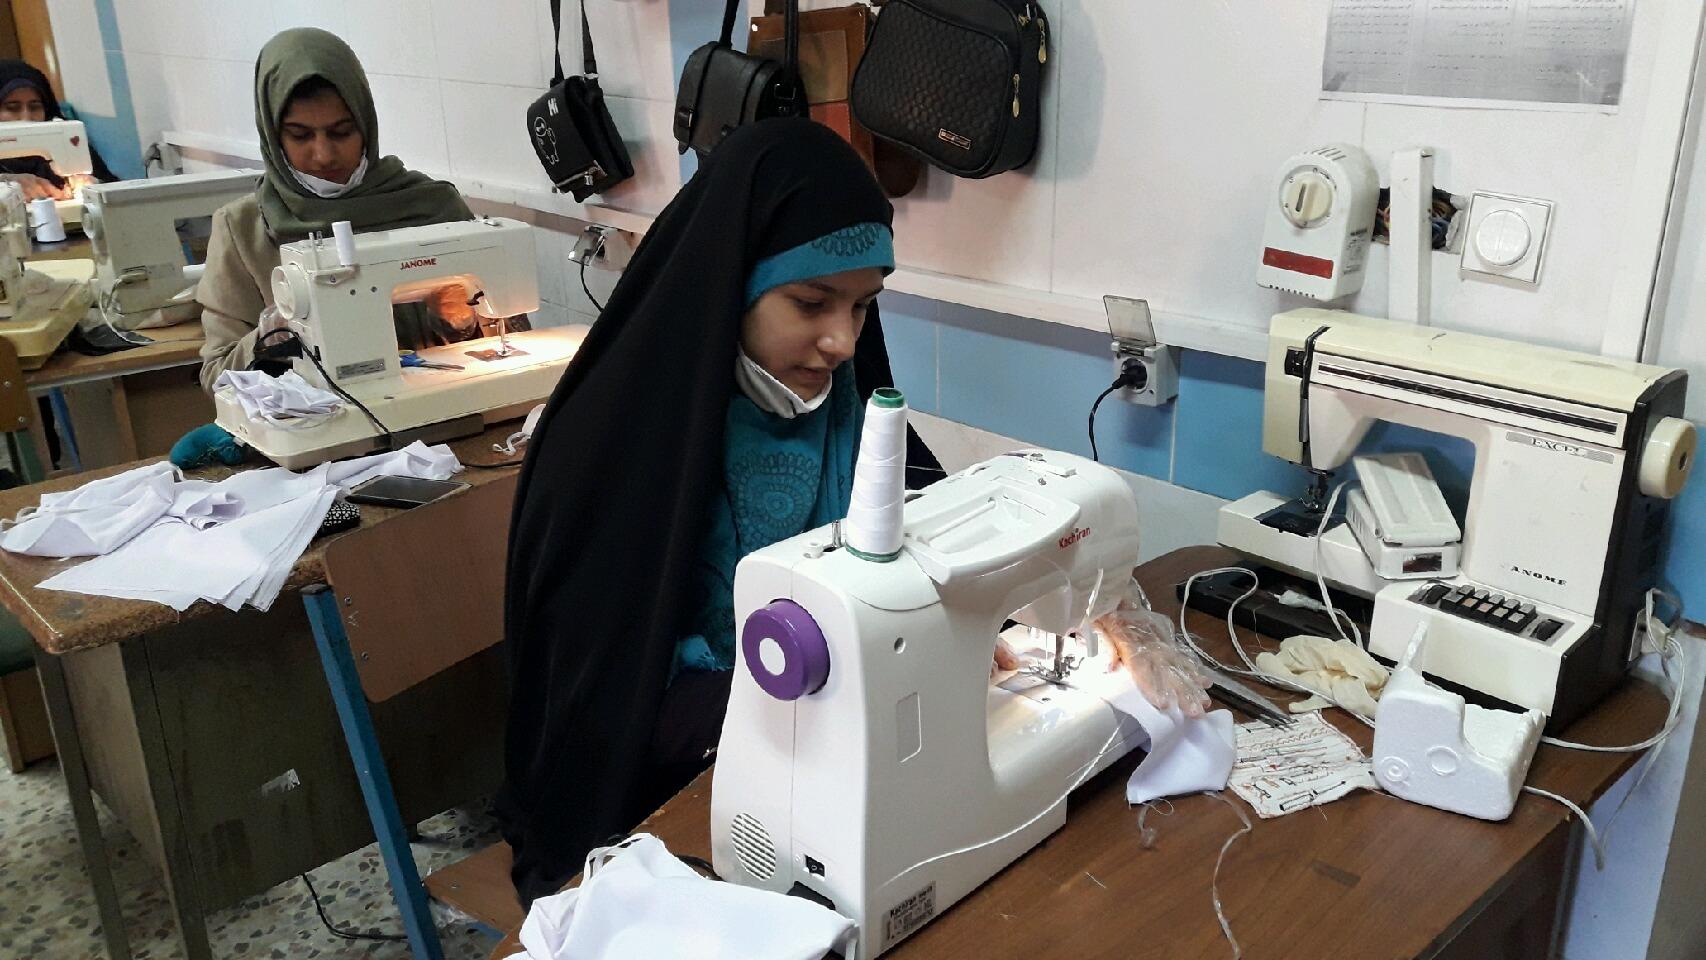 تولید 500 هزار ماسک در آموزشگاه های فنی و حرفه ای استان مرکزی